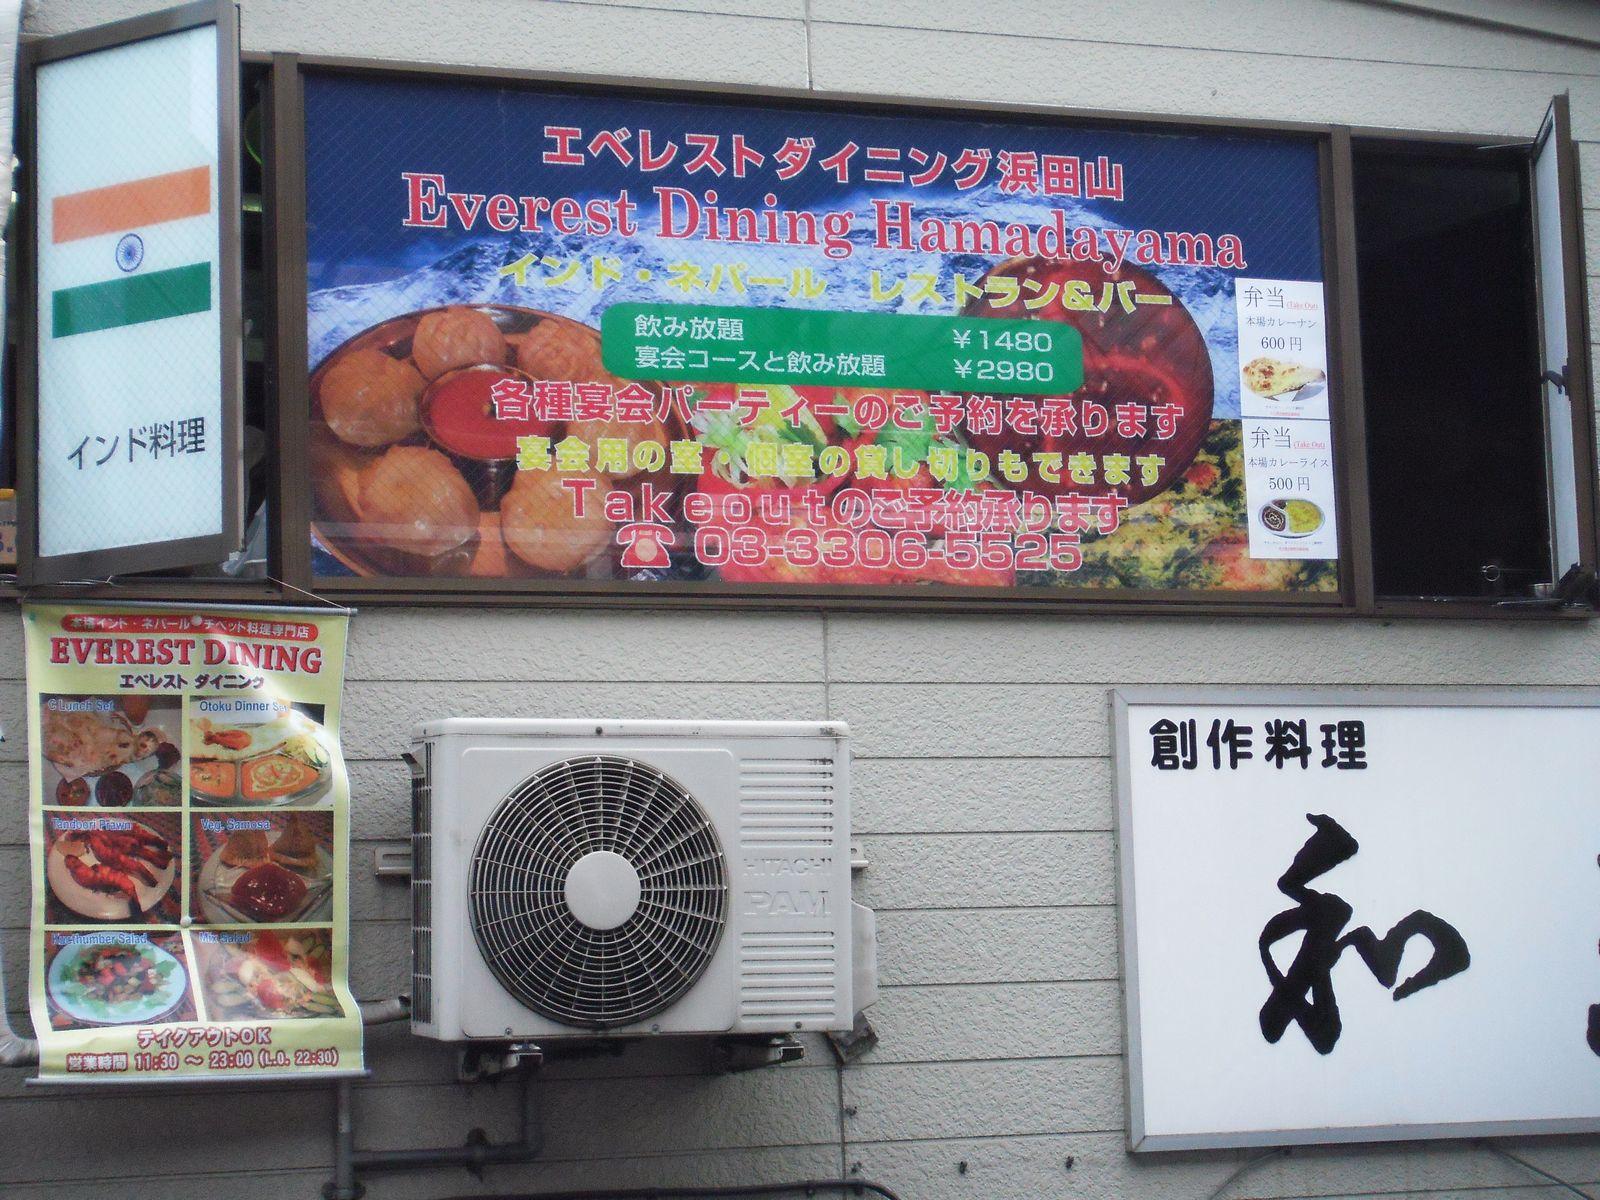 エベレストダイニング 浜田山